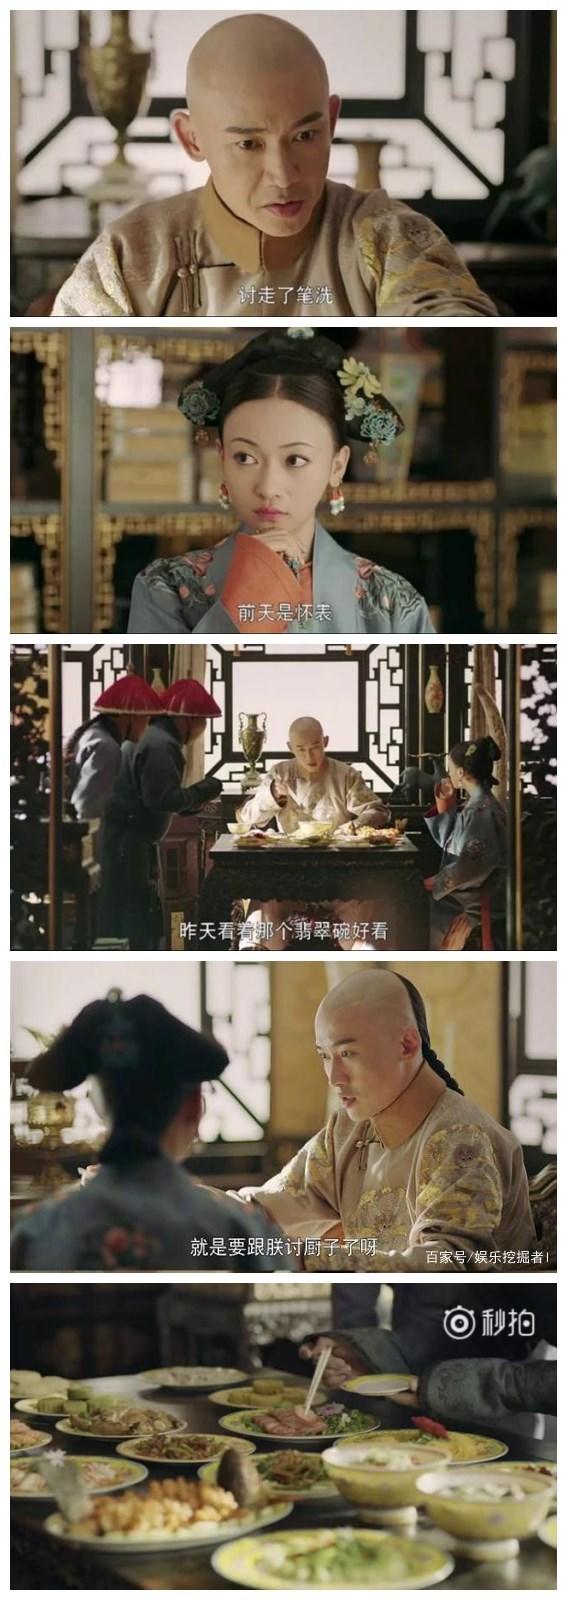 延禧贵妃大攻略,令女人撒娇你告诉结局攻略命云南自驾游深圳最好去2015图片